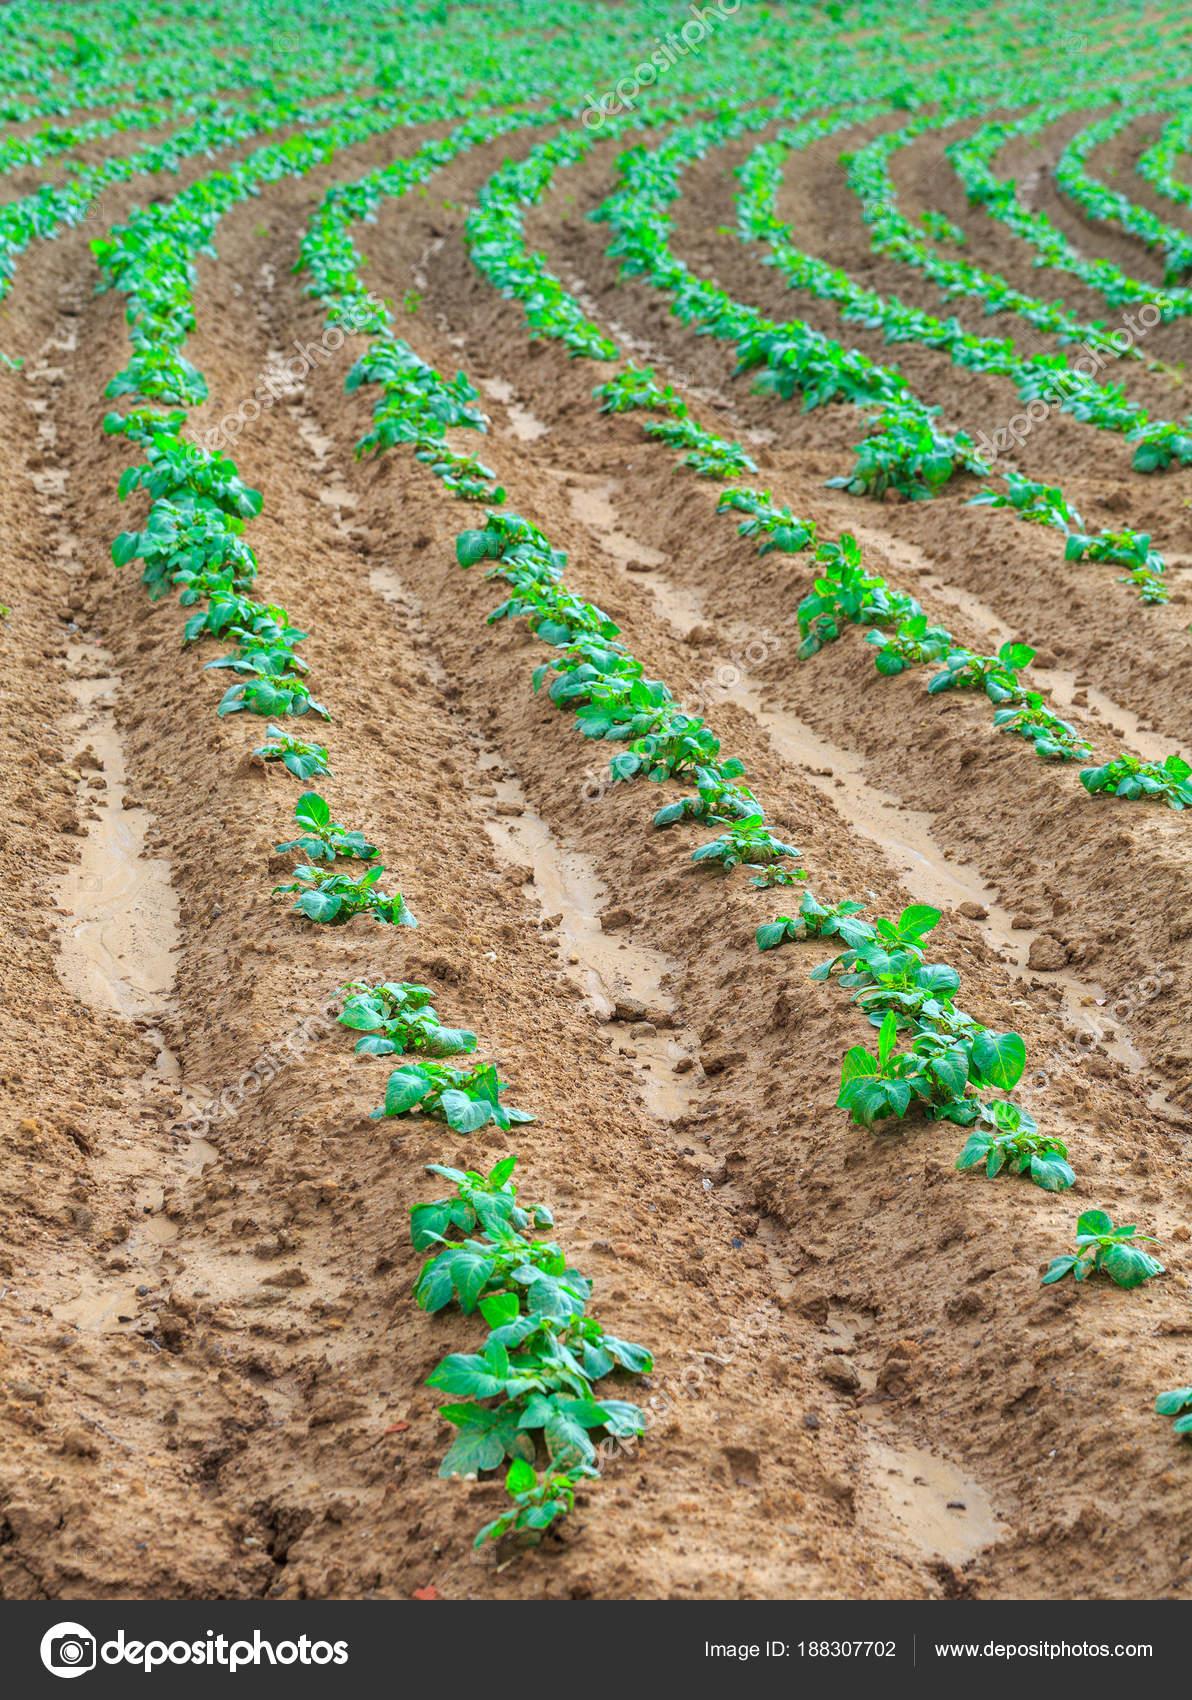 Coltivazione Piante Patate Dolci O Anche Il Nome (boniato, Tropicale Della  Patata Dolce, Patata Dolce Cubana, Batiste, Camote, Igname) In Un Terreno  Rosso ...